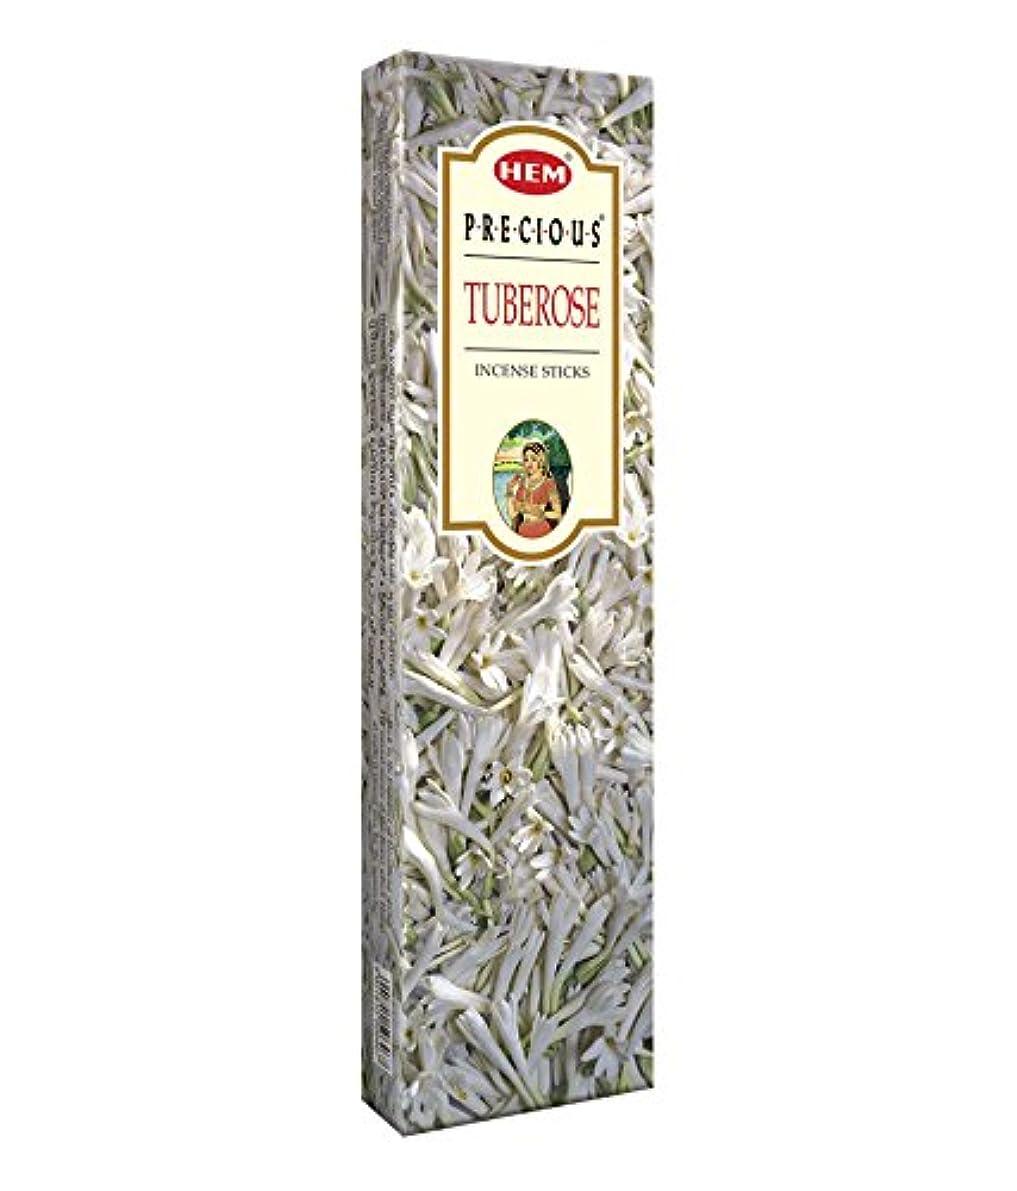 設計シングル普通のAgarbathi Fragrance Hem Precious Tuberose 100 g INCENSE STICKS